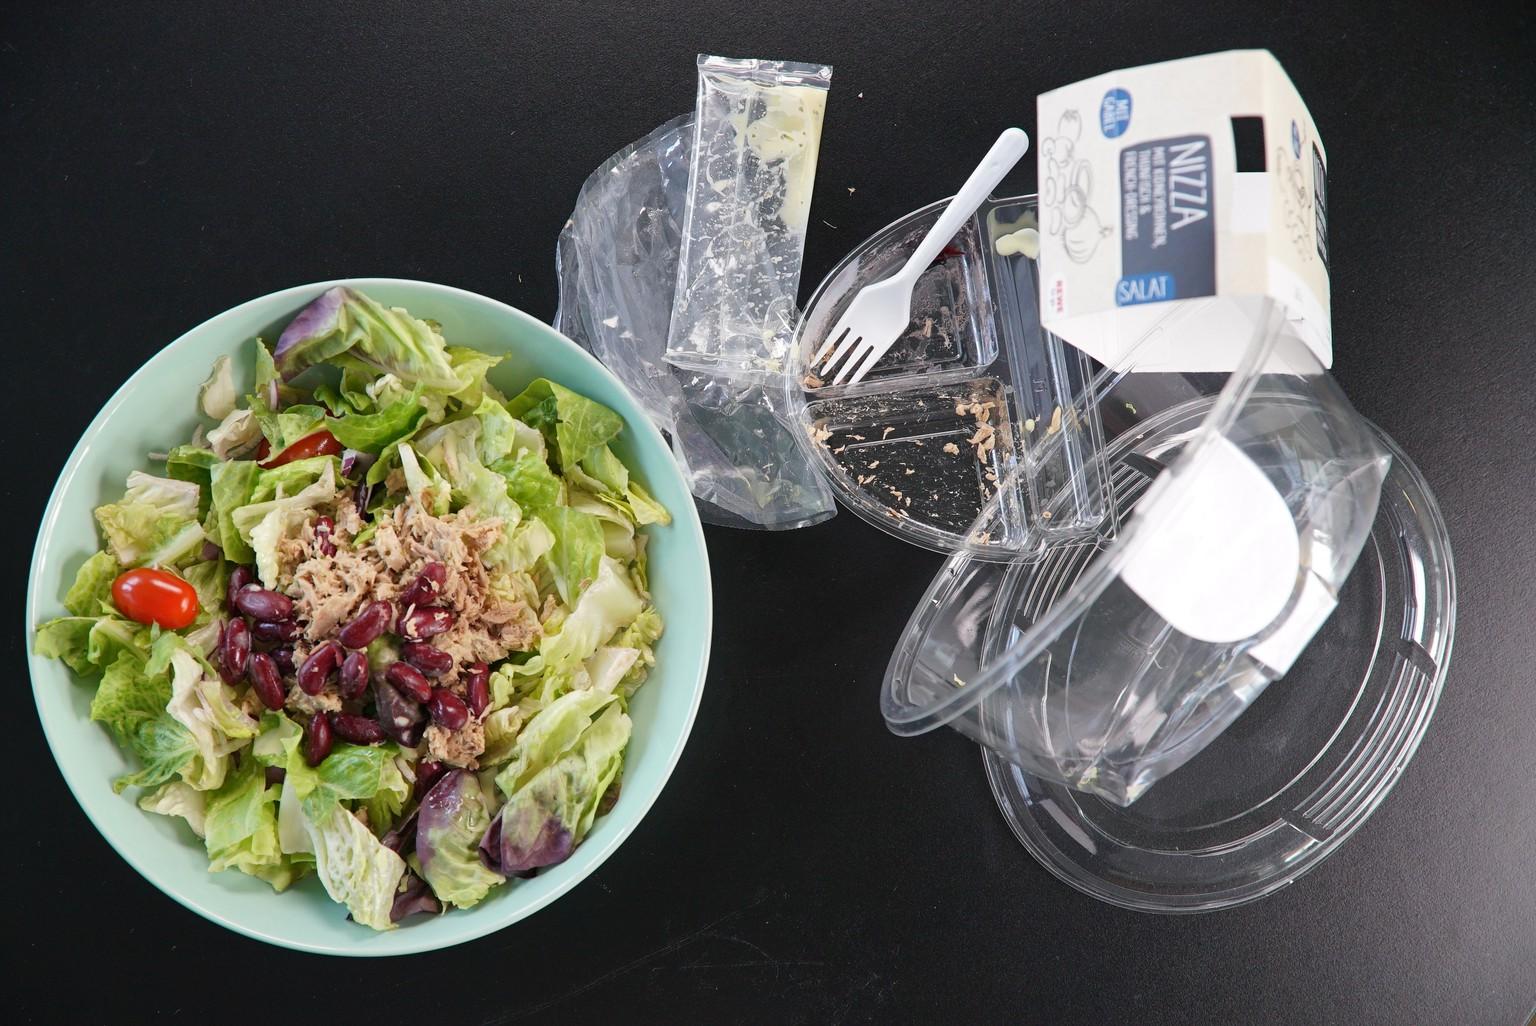 Einkaufen aus einer zero waste Perspektive Greenful Spirit